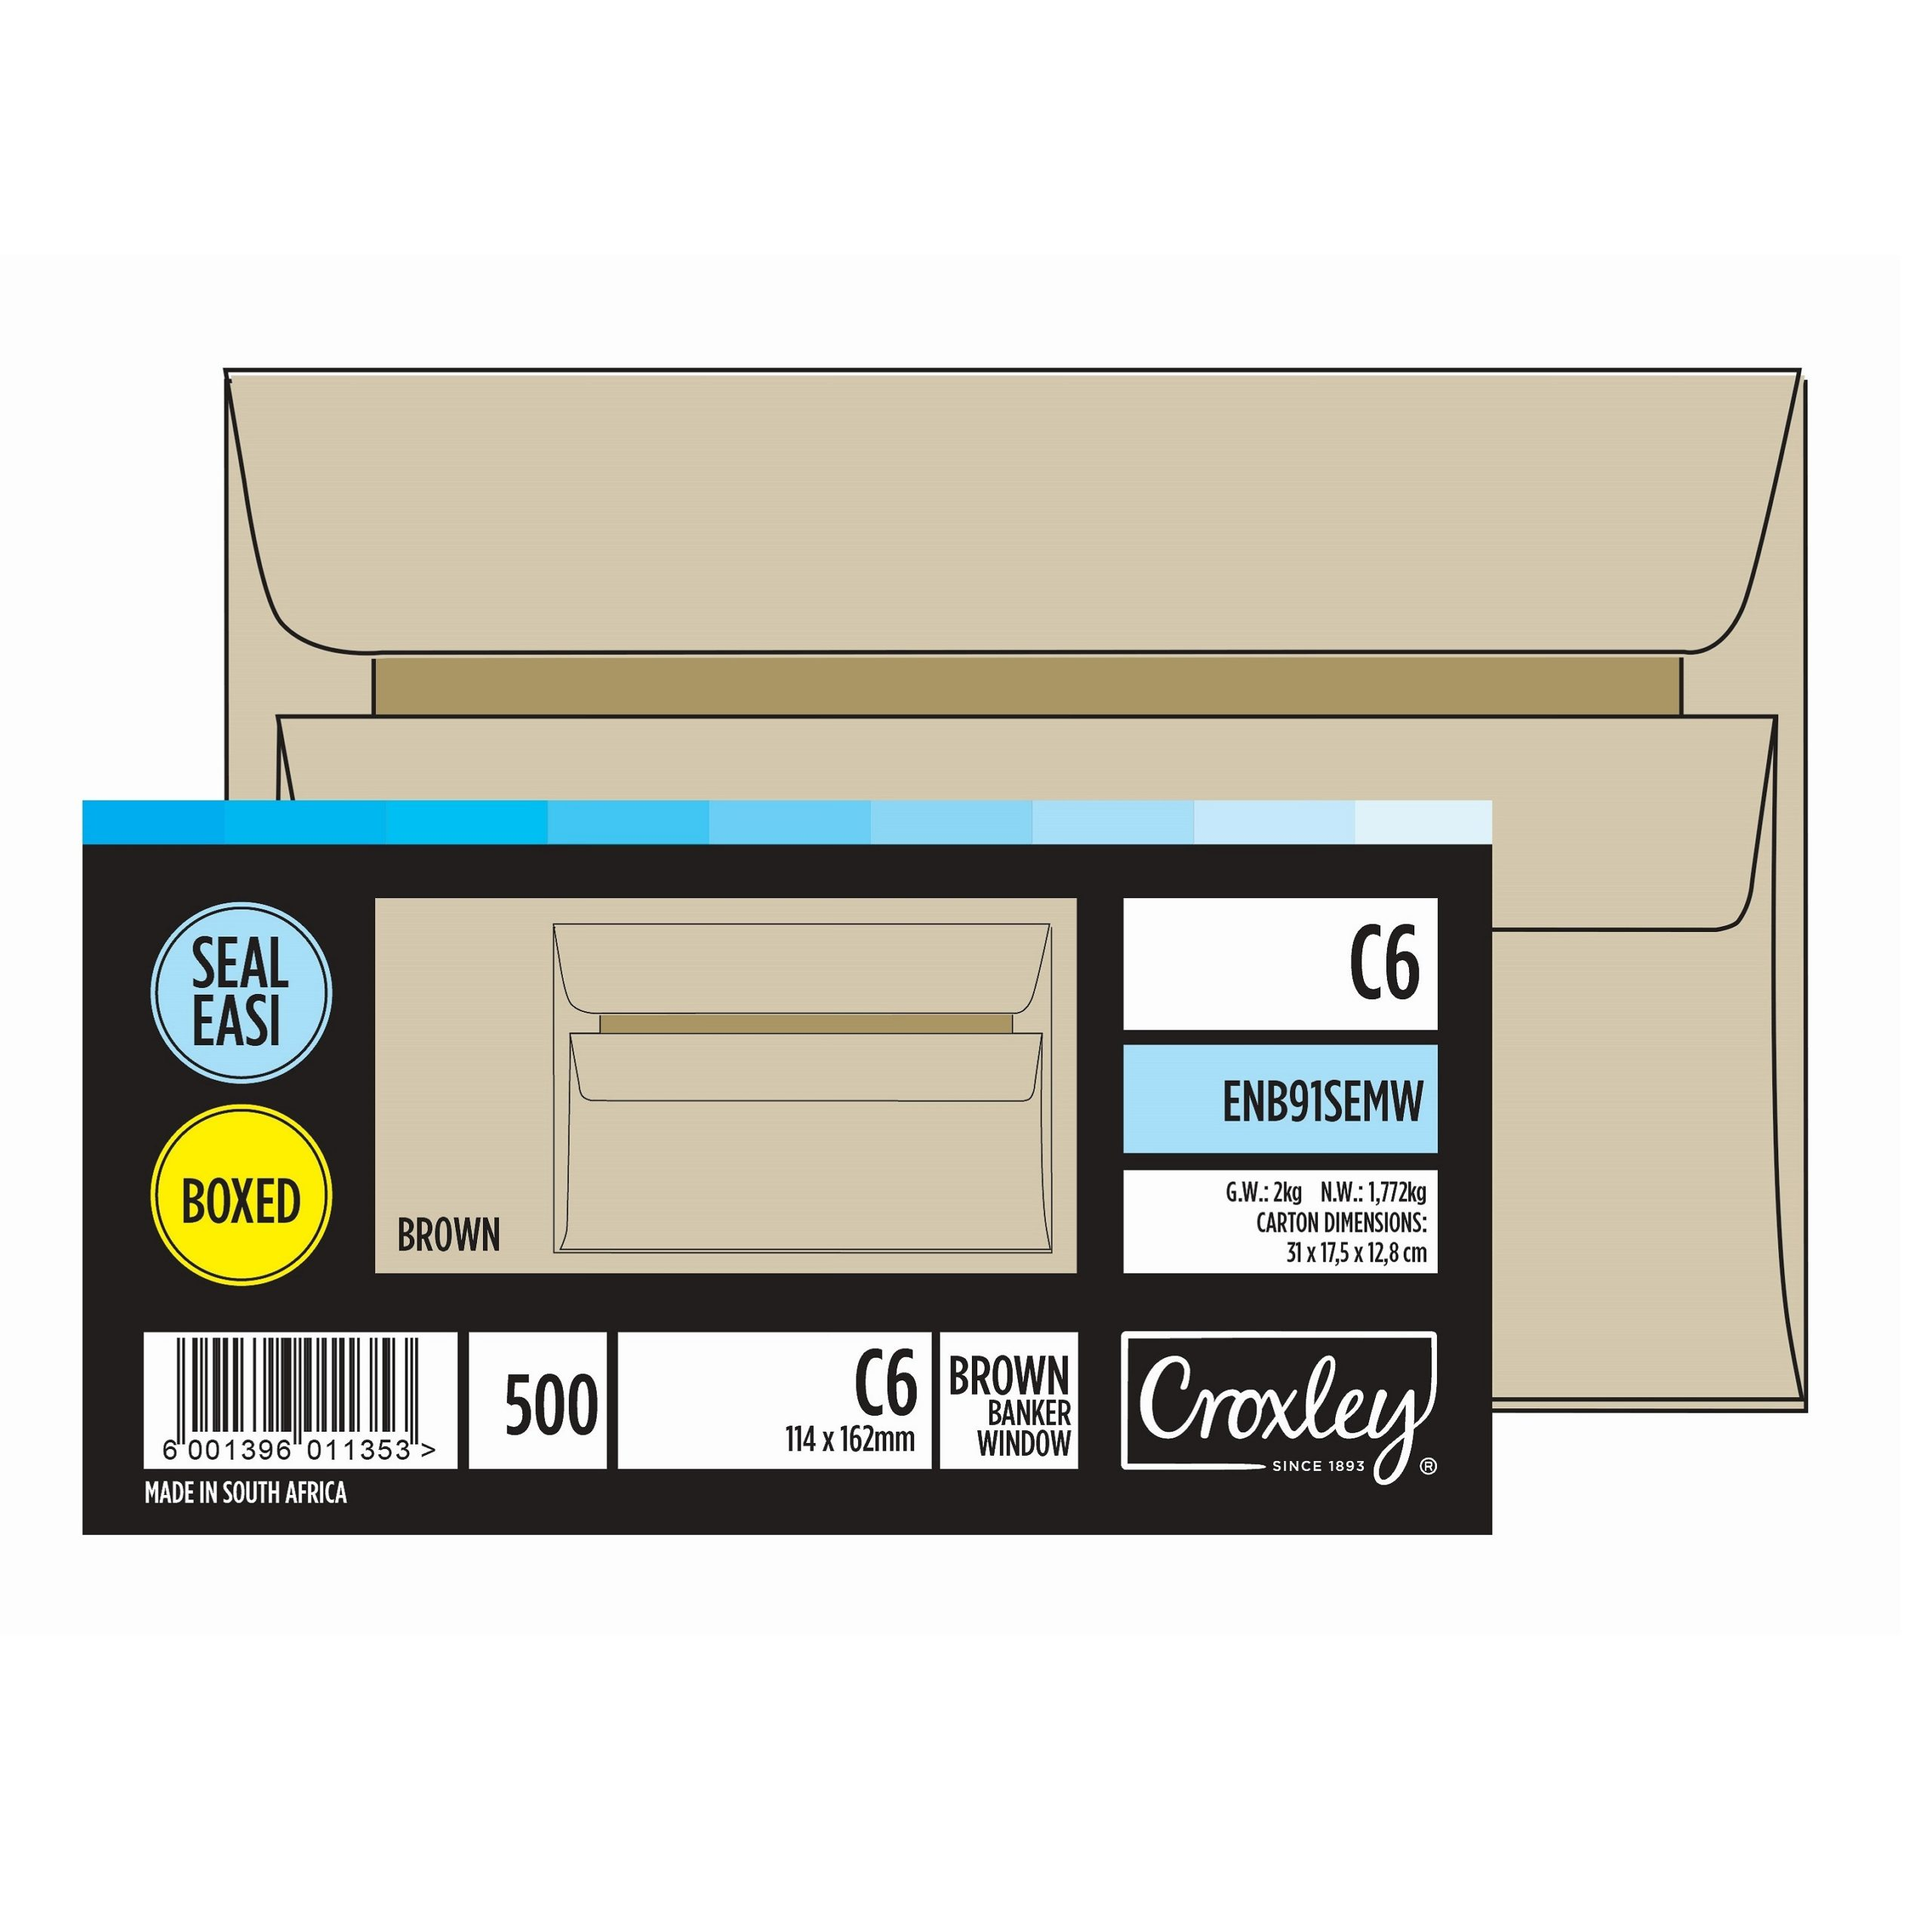 ENV C6 WINDOW BROWN BOX OF 500